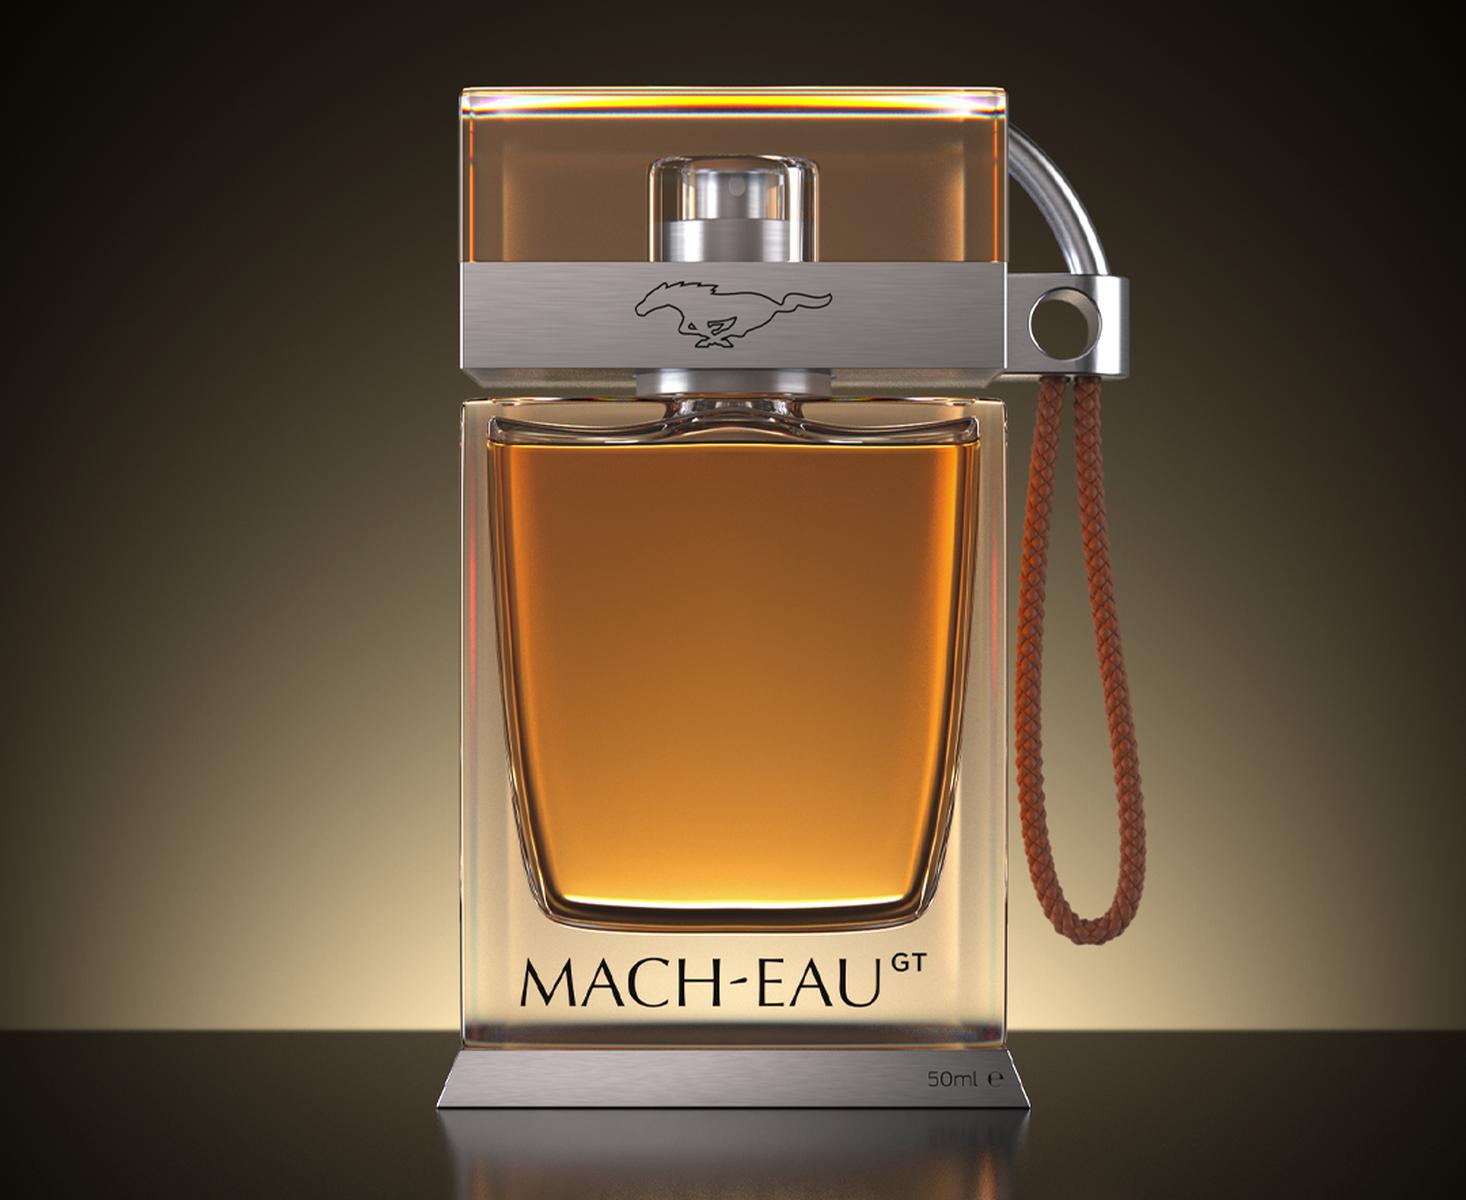 Ford_Mach-Eau_3